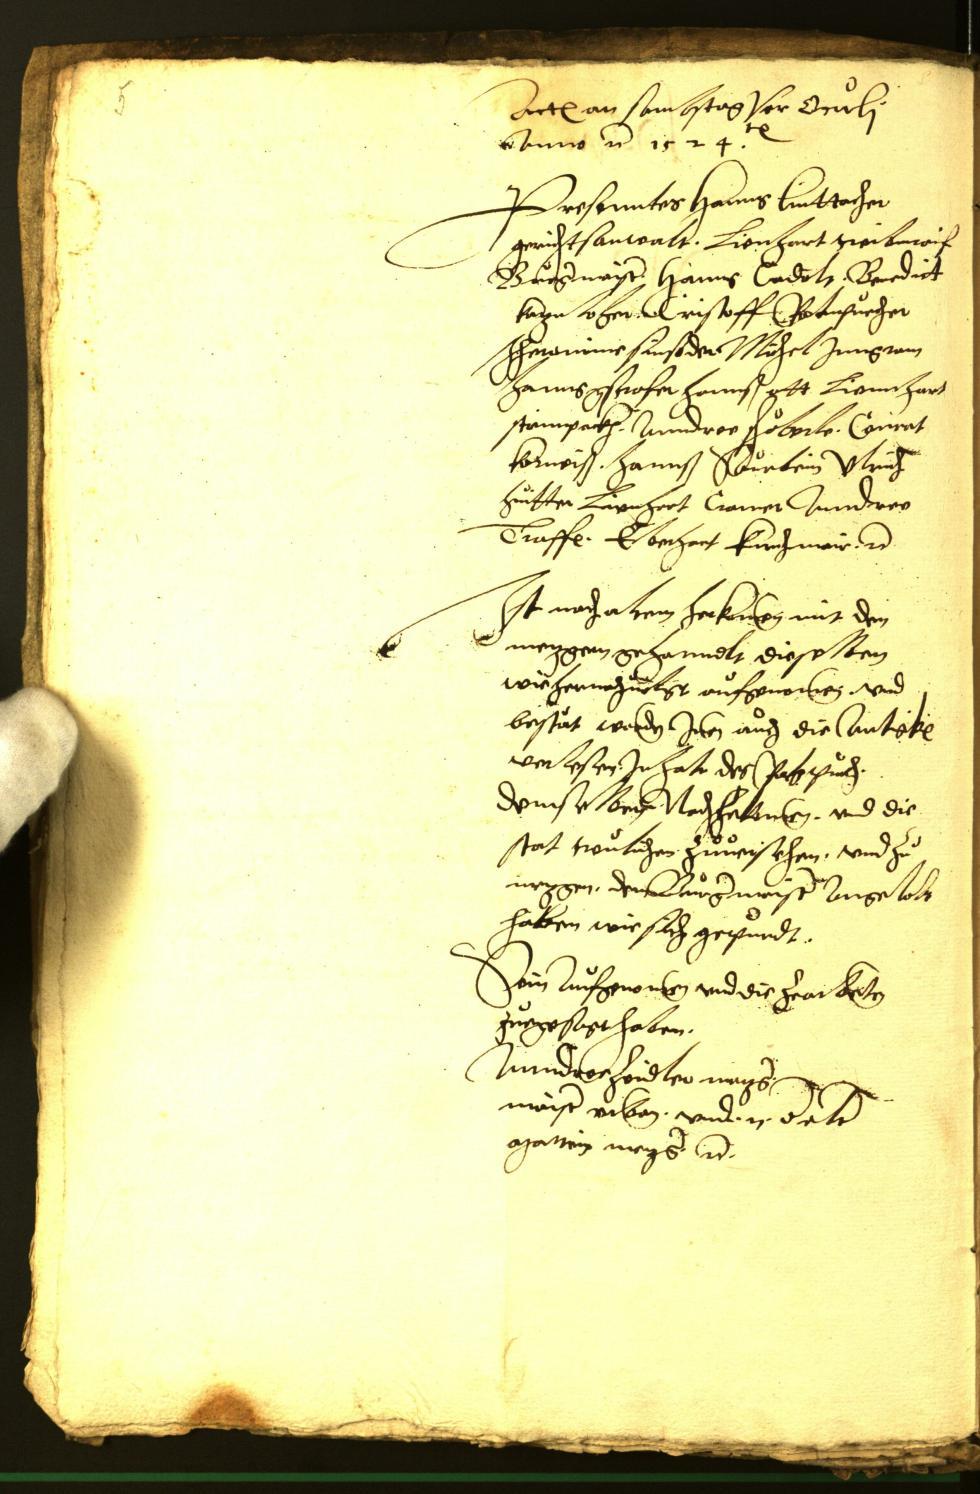 Archivio Storico della Città di Bolzano - BOhisto protocollo consiliare 1524/26